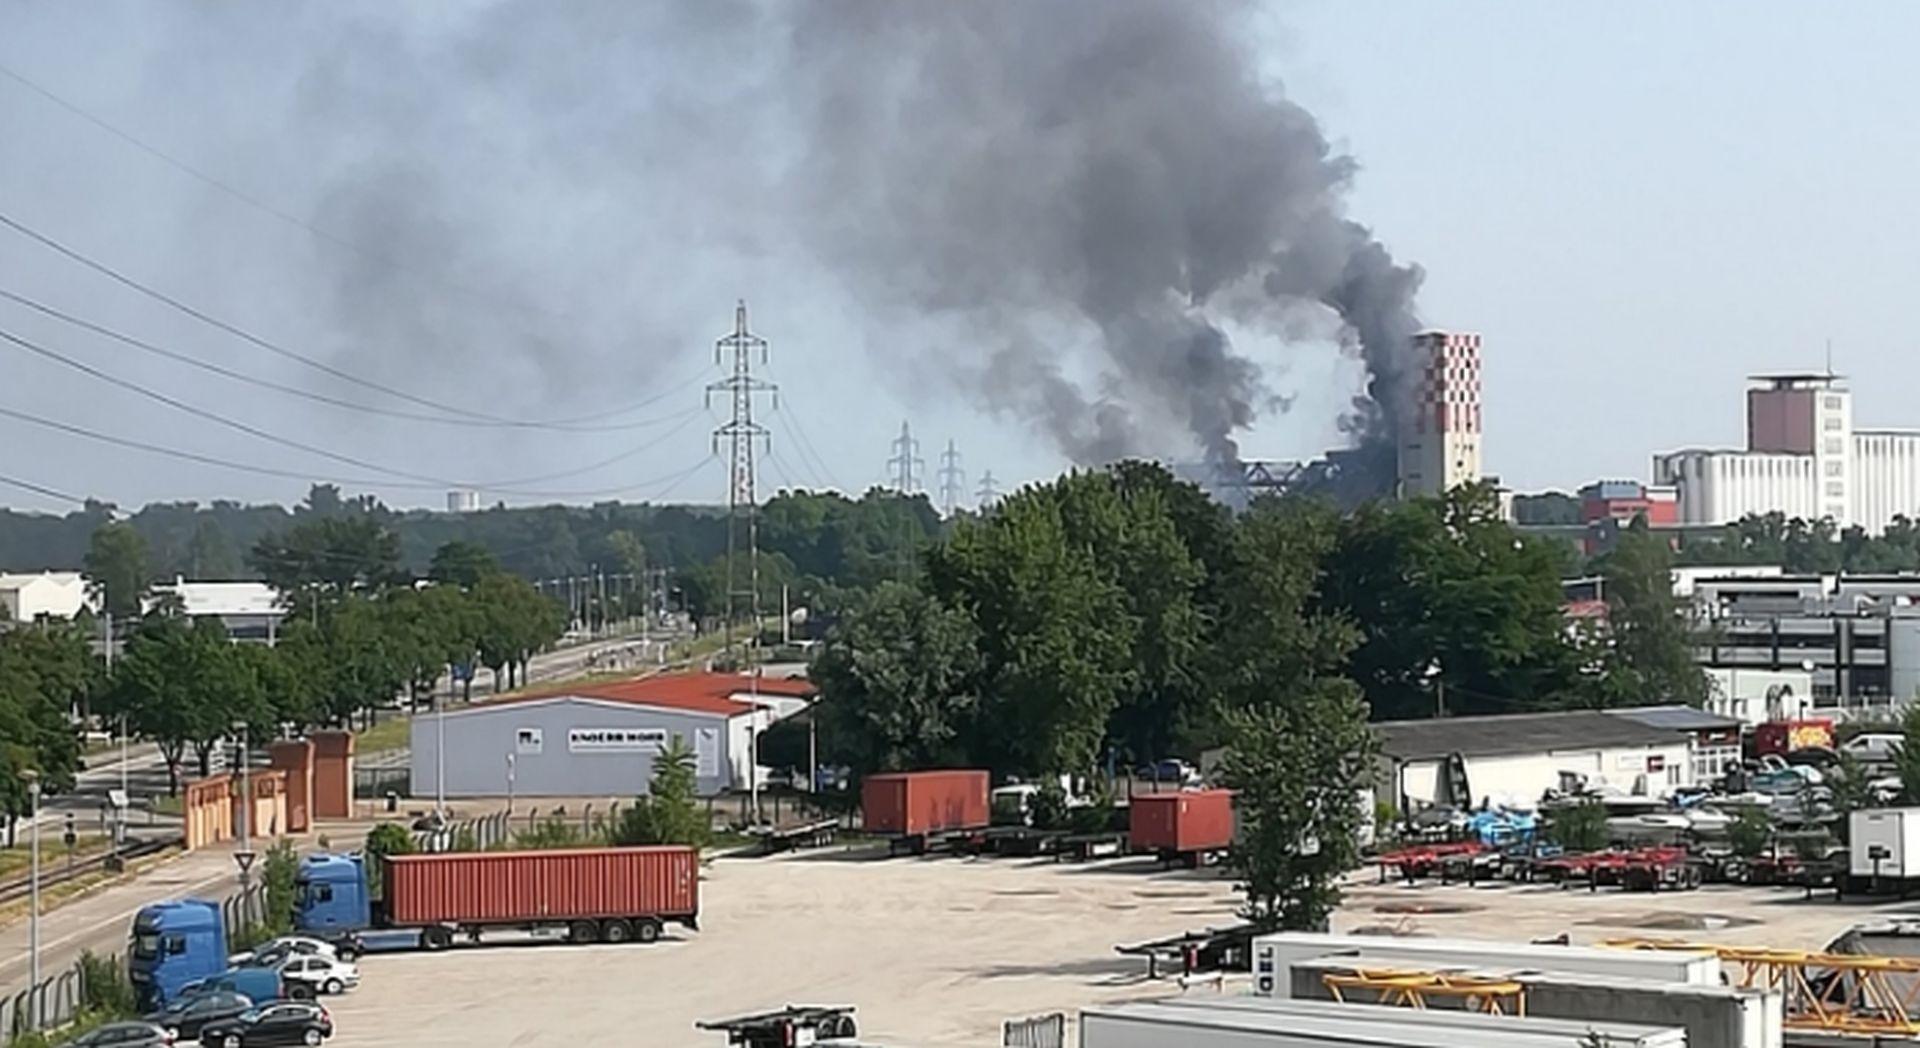 Eksplozija u silosu žita u Strasbourgu, 11 ozlijeđenih